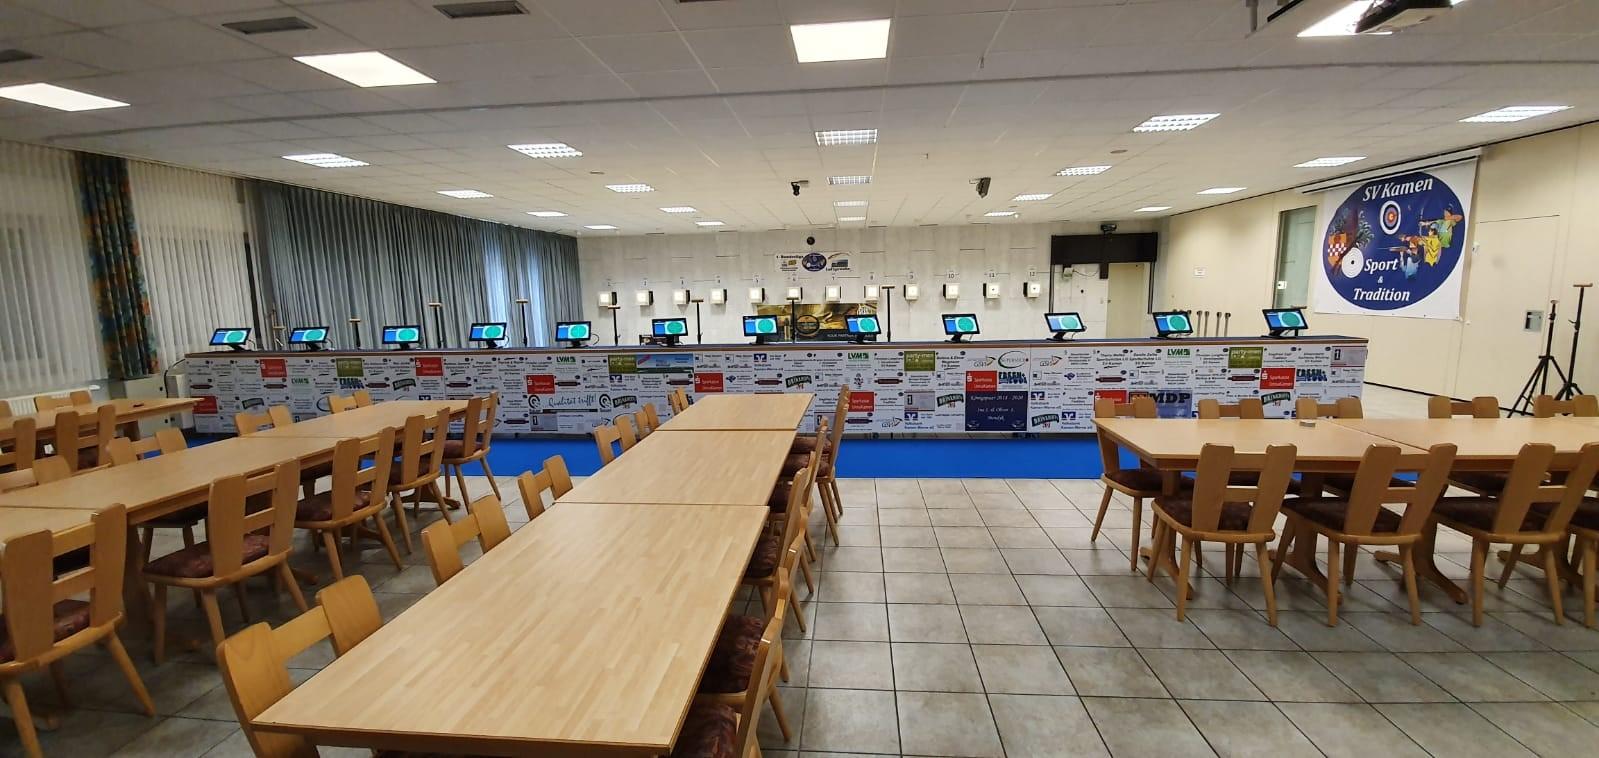 Meyton-Schiesshalle-komplett